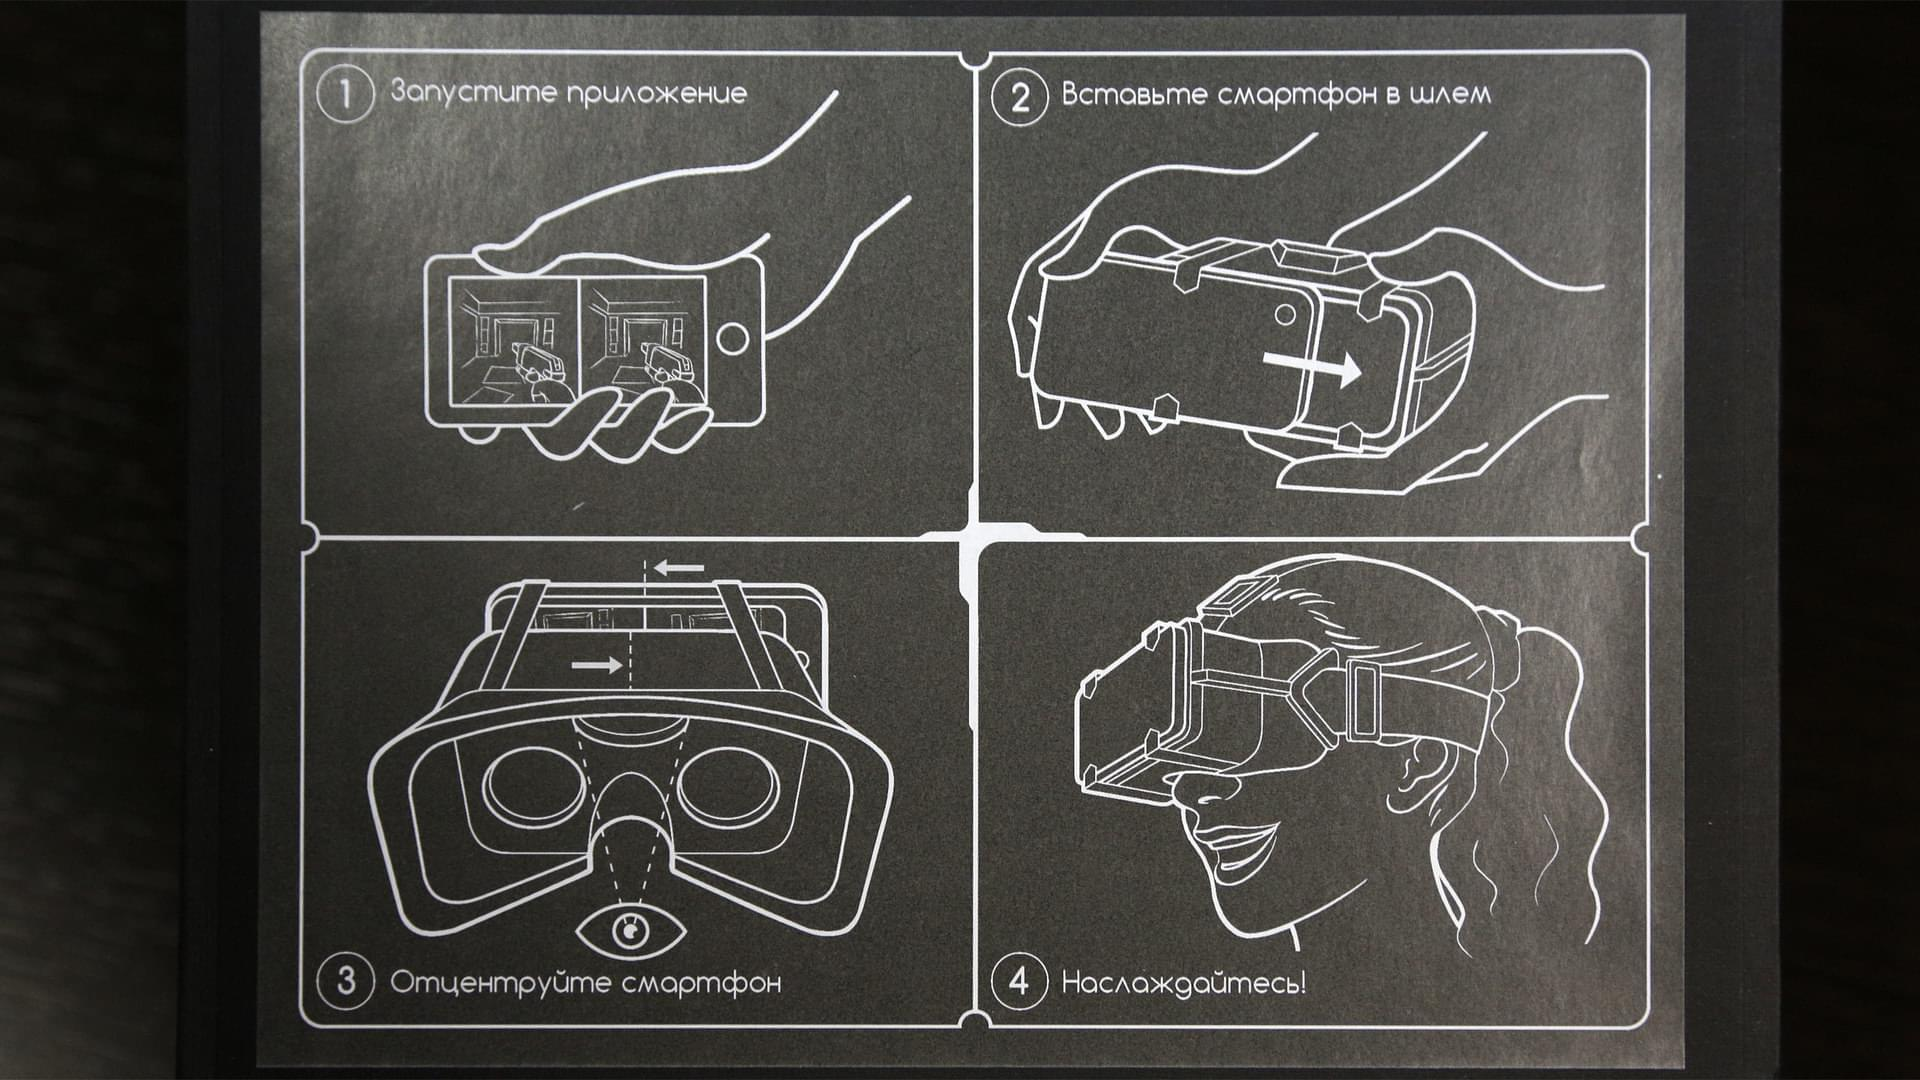 Инструкция для очков виртуальной реальности